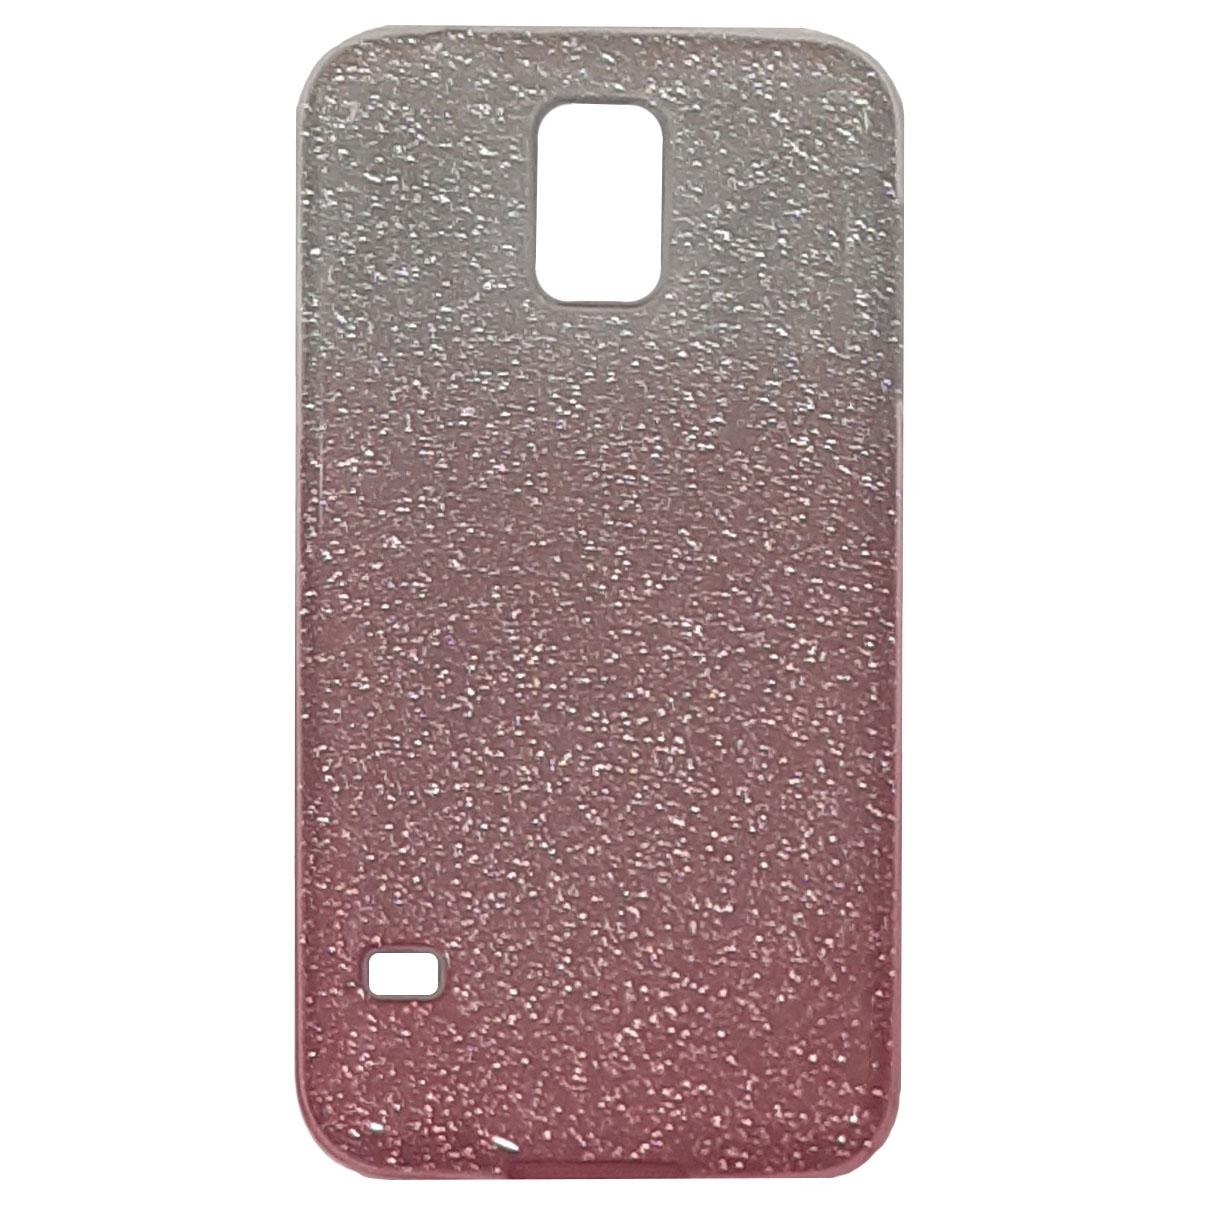 کاور مدل FSH-115 مناسب برای گوشی موبایل سامسونگ Galaxy S5